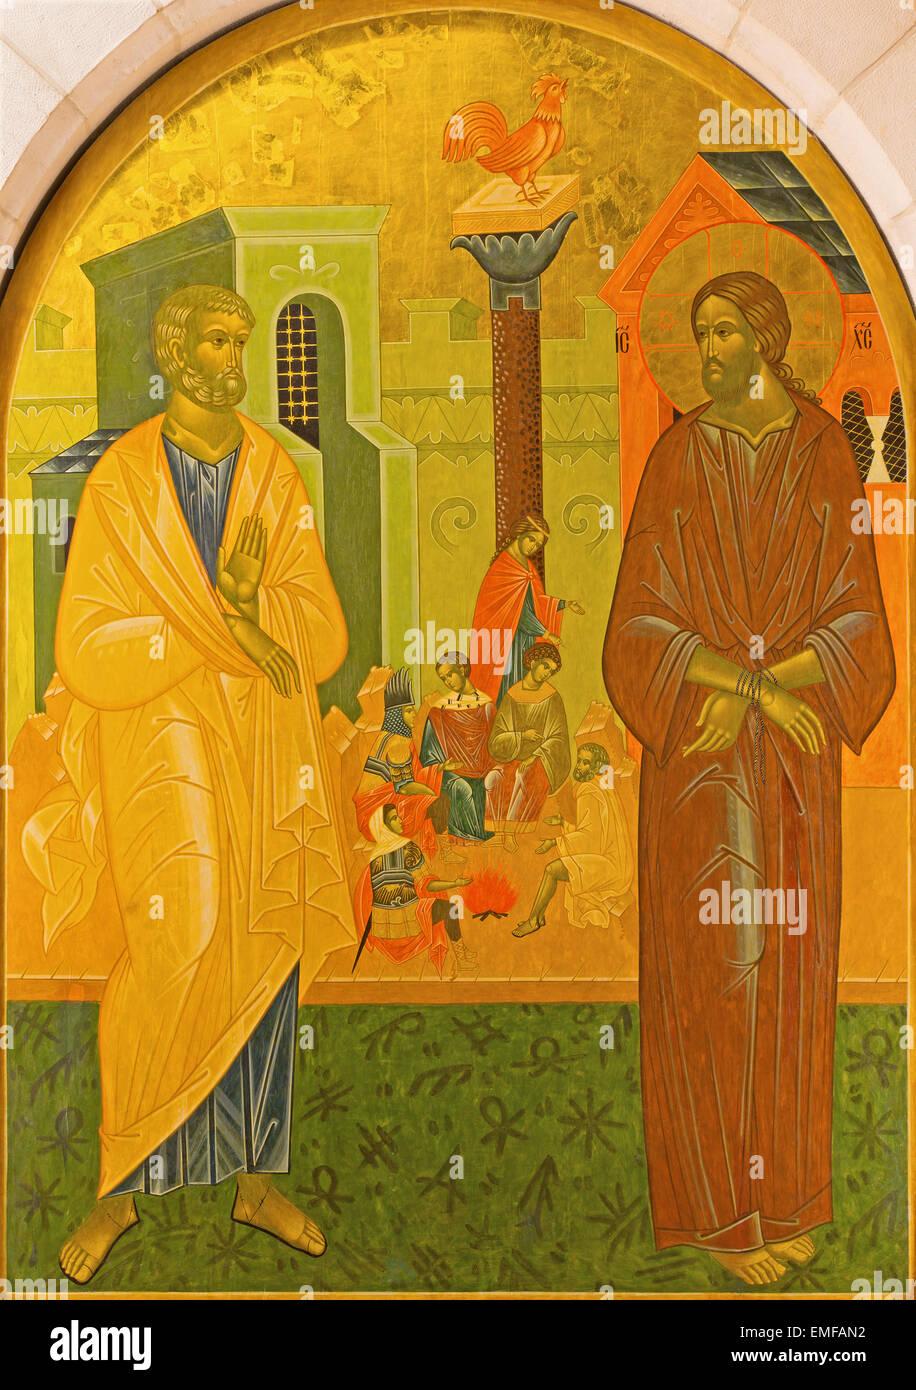 Jerusalén, Israel - Marzo 3, 2015: El Negare Pedro a Jesús. Icono de la Iglesia de San Pedro en Gallicantu. Imagen De Stock